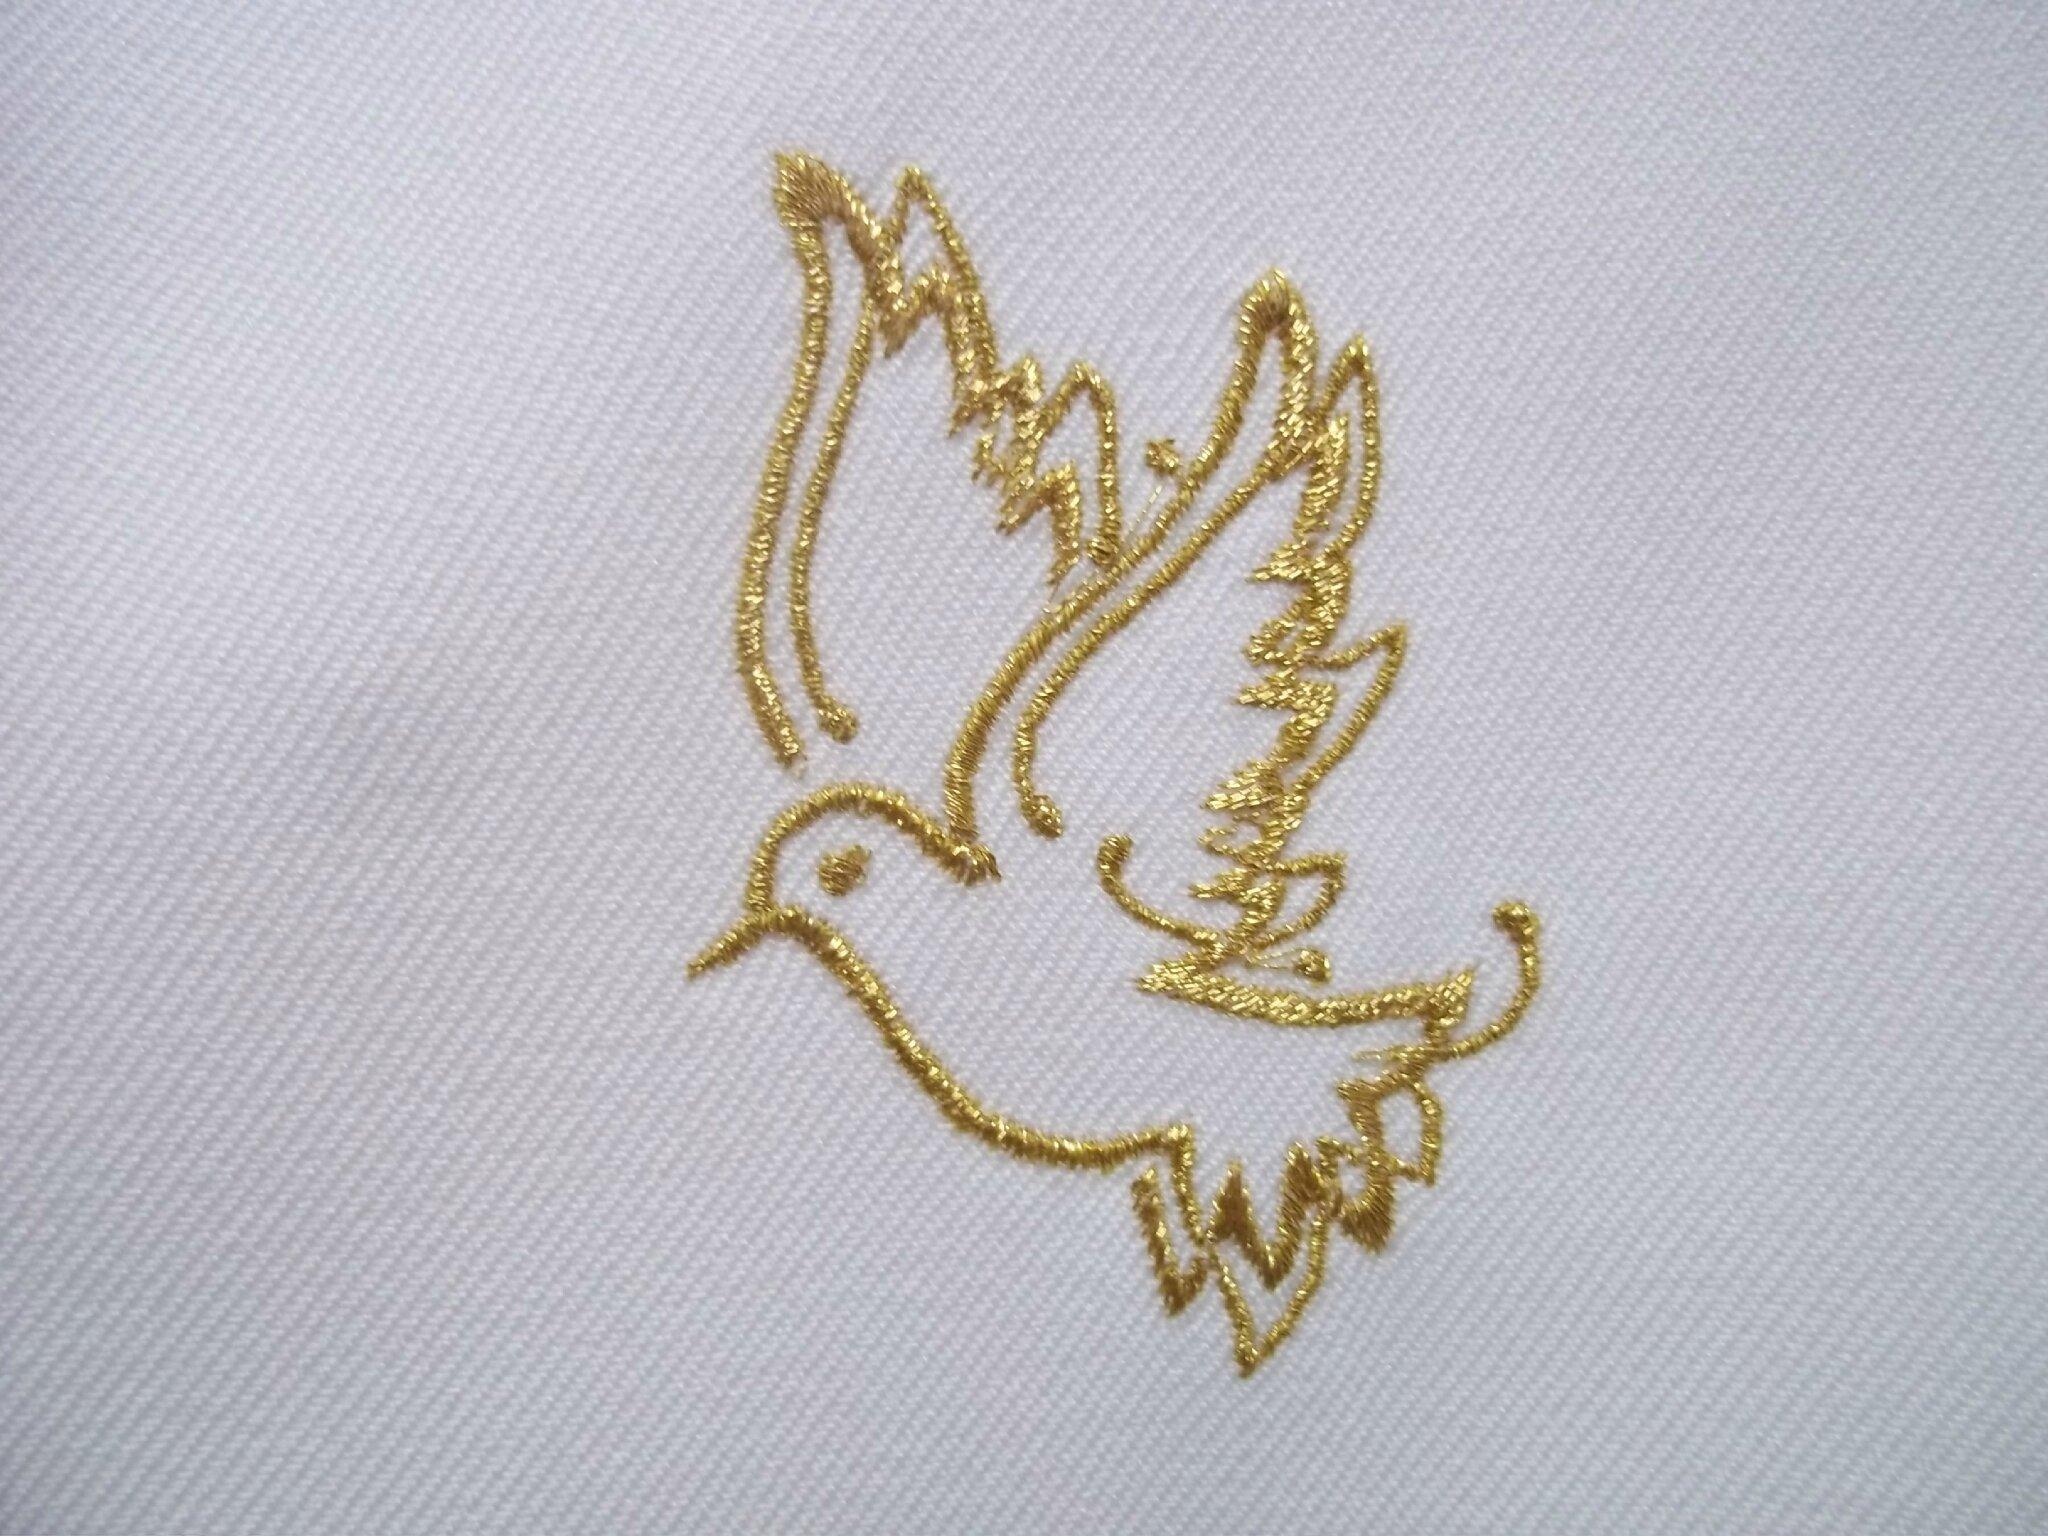 Etoles de baptême colombe, angelot, Vierge Marie, broderies personnalisées par AMD A COUDRE pour Santiago, Raphaël et Soléane.